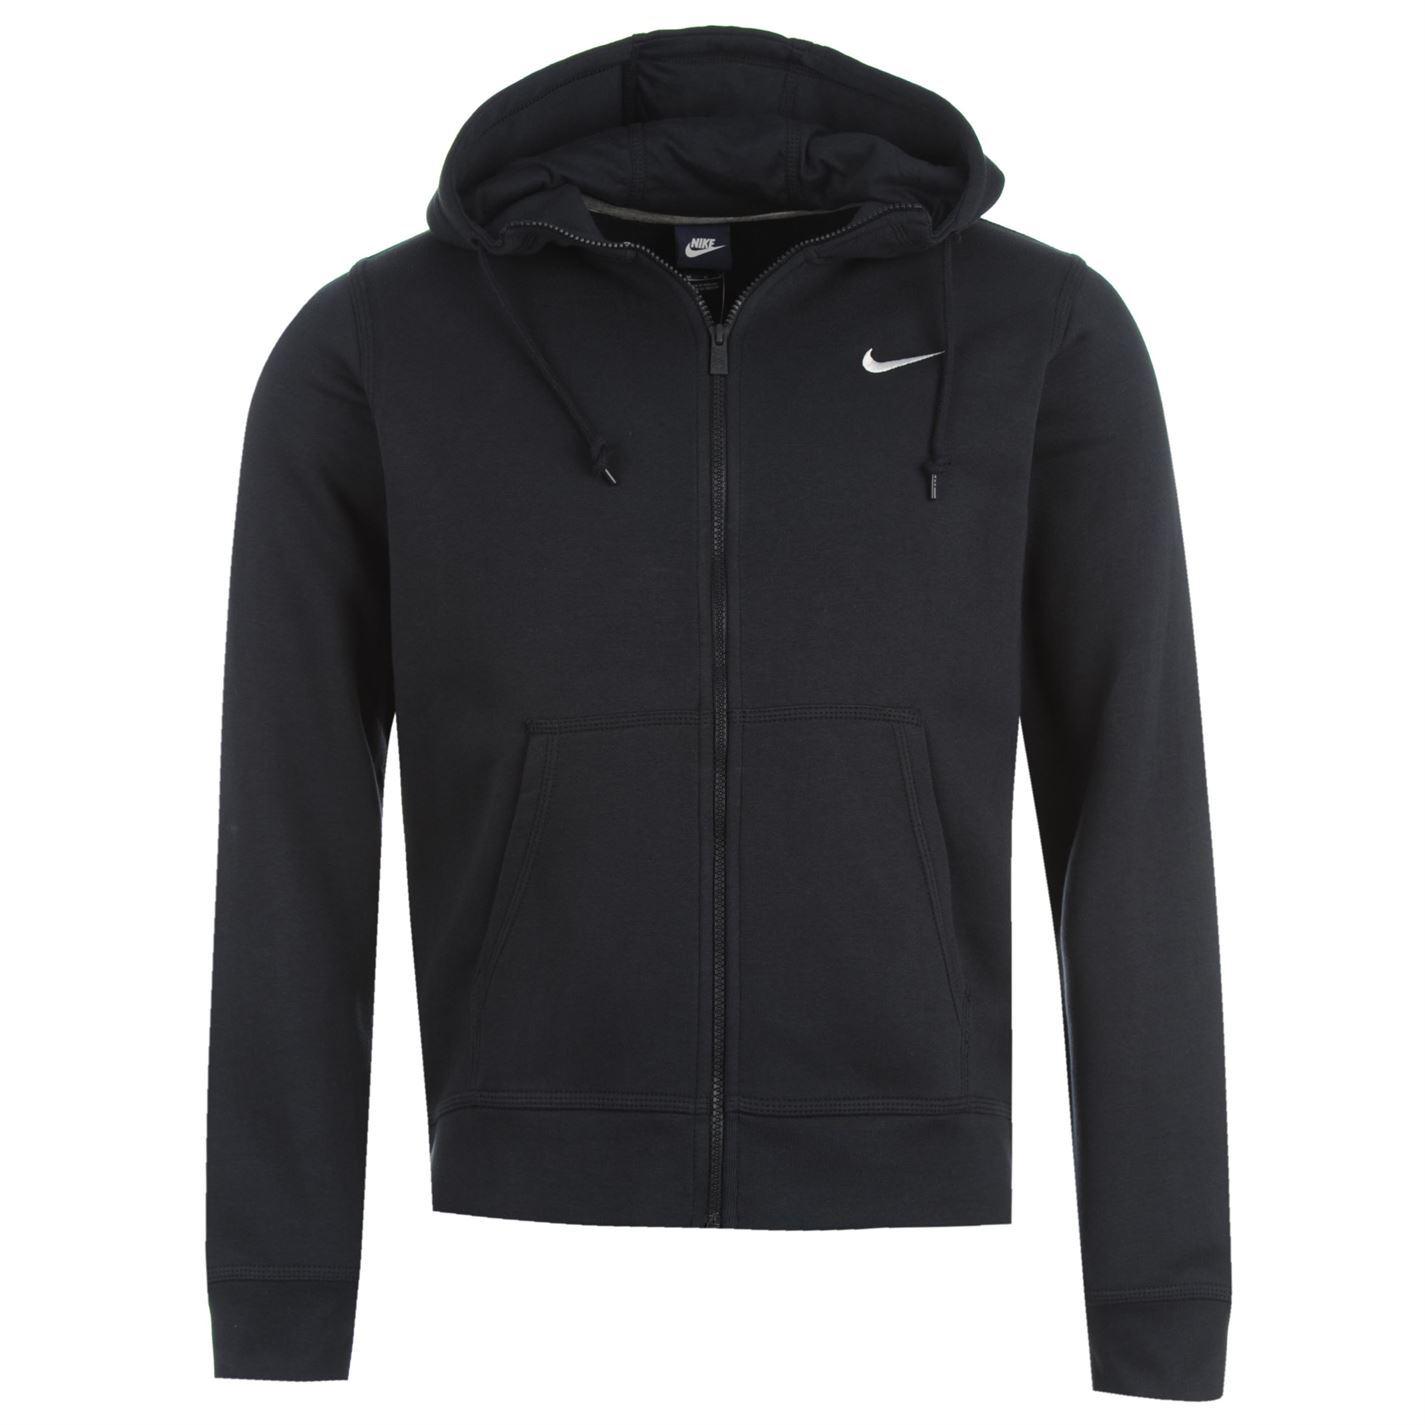 Nike-Fundamentals-Full-Zip-Hoody-Jacket-Mens-Hoodie-Sweatshirt-Sweater-Top thumbnail 11